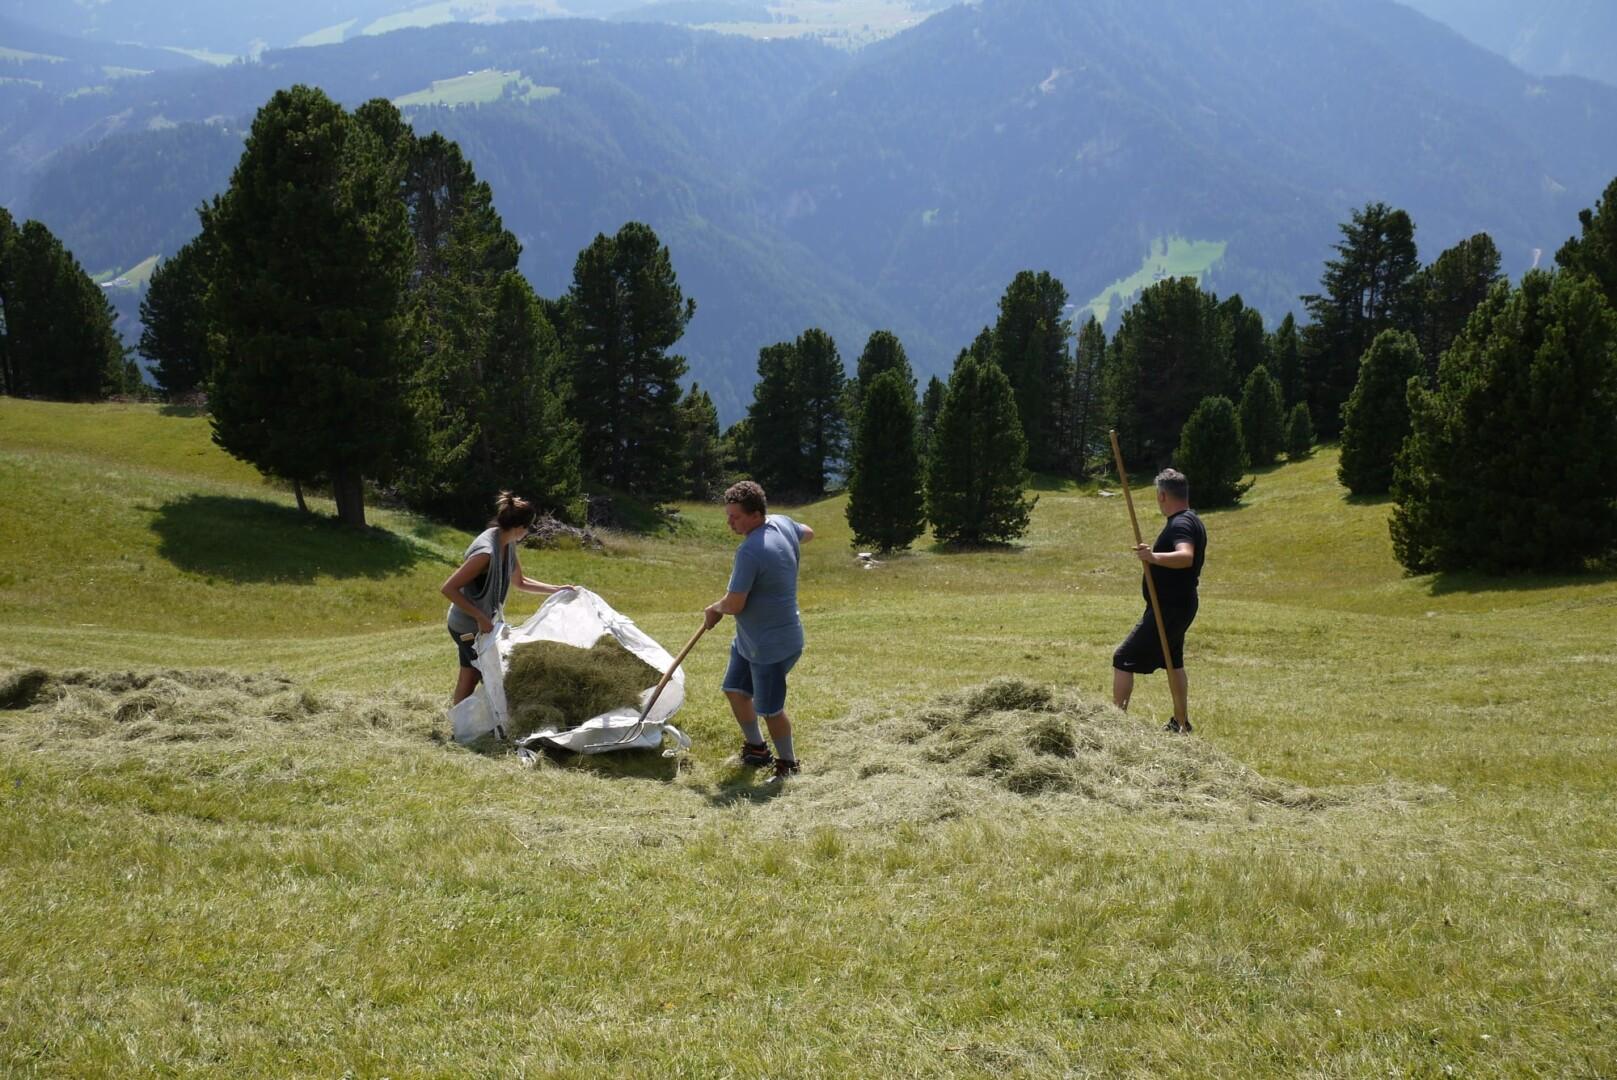 Marzadro raccolta fieno a 2000 metri